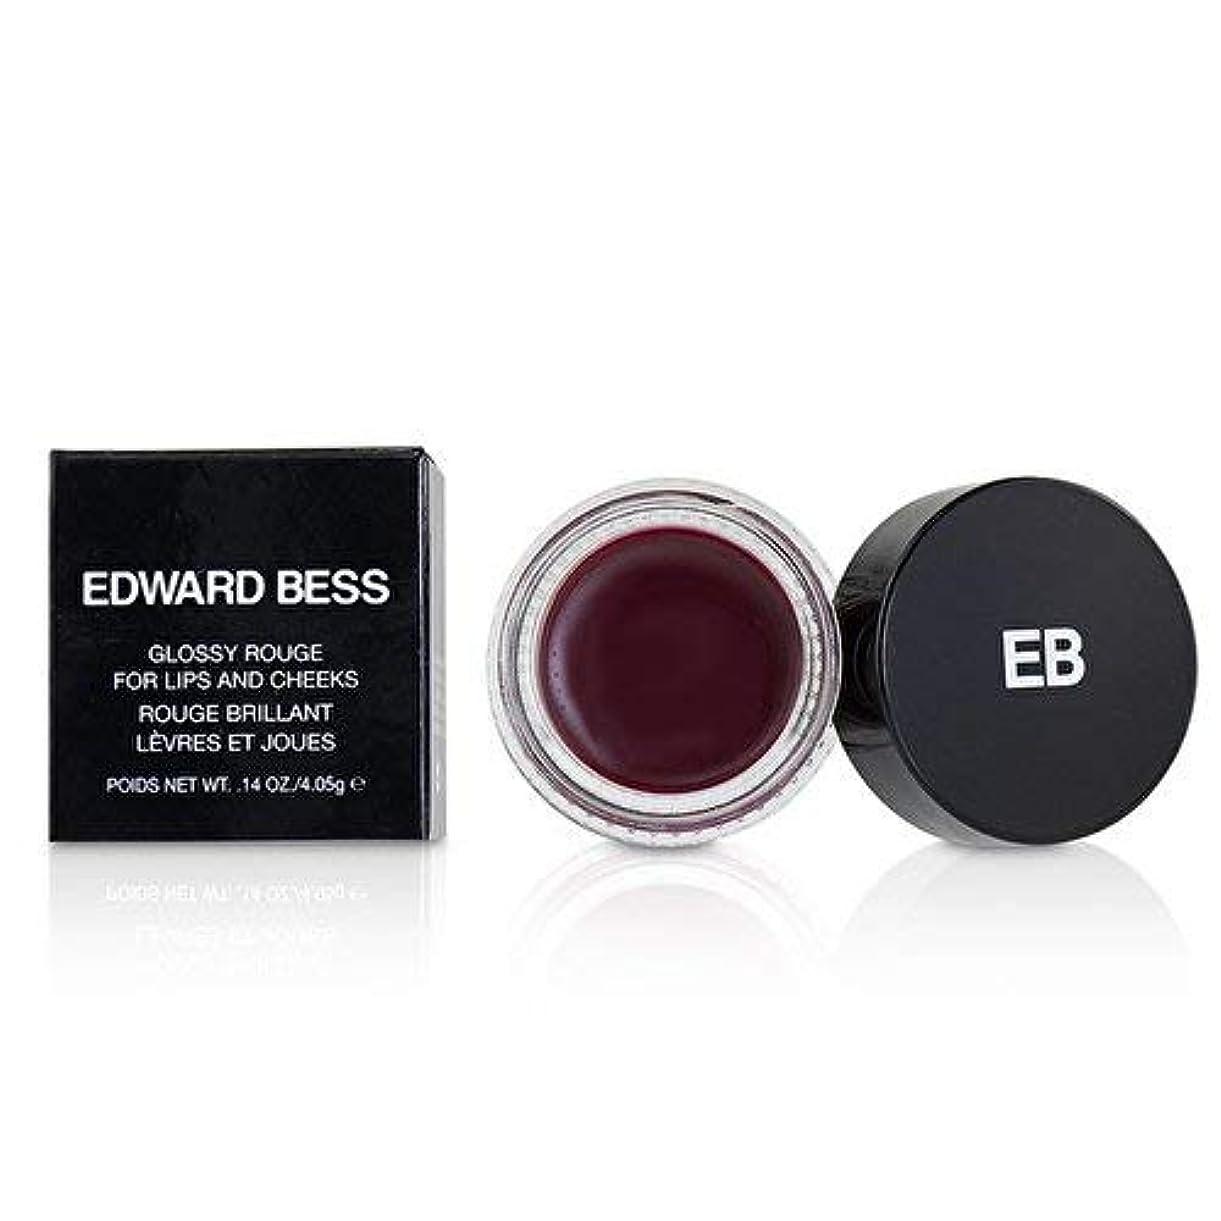 適応的致命的夫エドワードべス Glossy Rouge For Lips And Cheeks - # Spanish Rose 4.05g/0.14oz並行輸入品